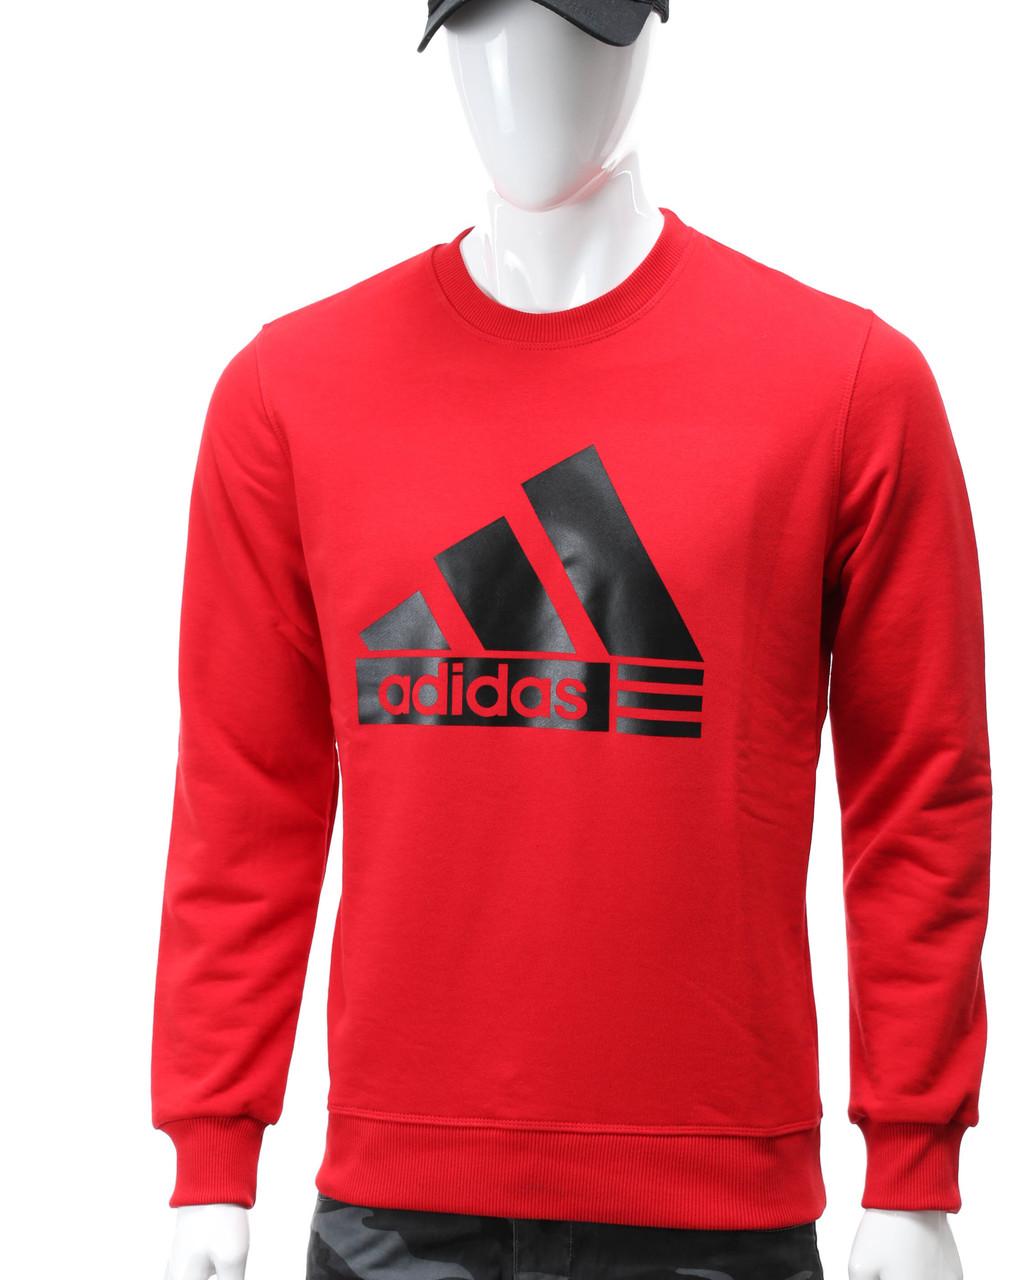 Свитшот красный ADIDAS с лого RED S(Р) 20-412-011